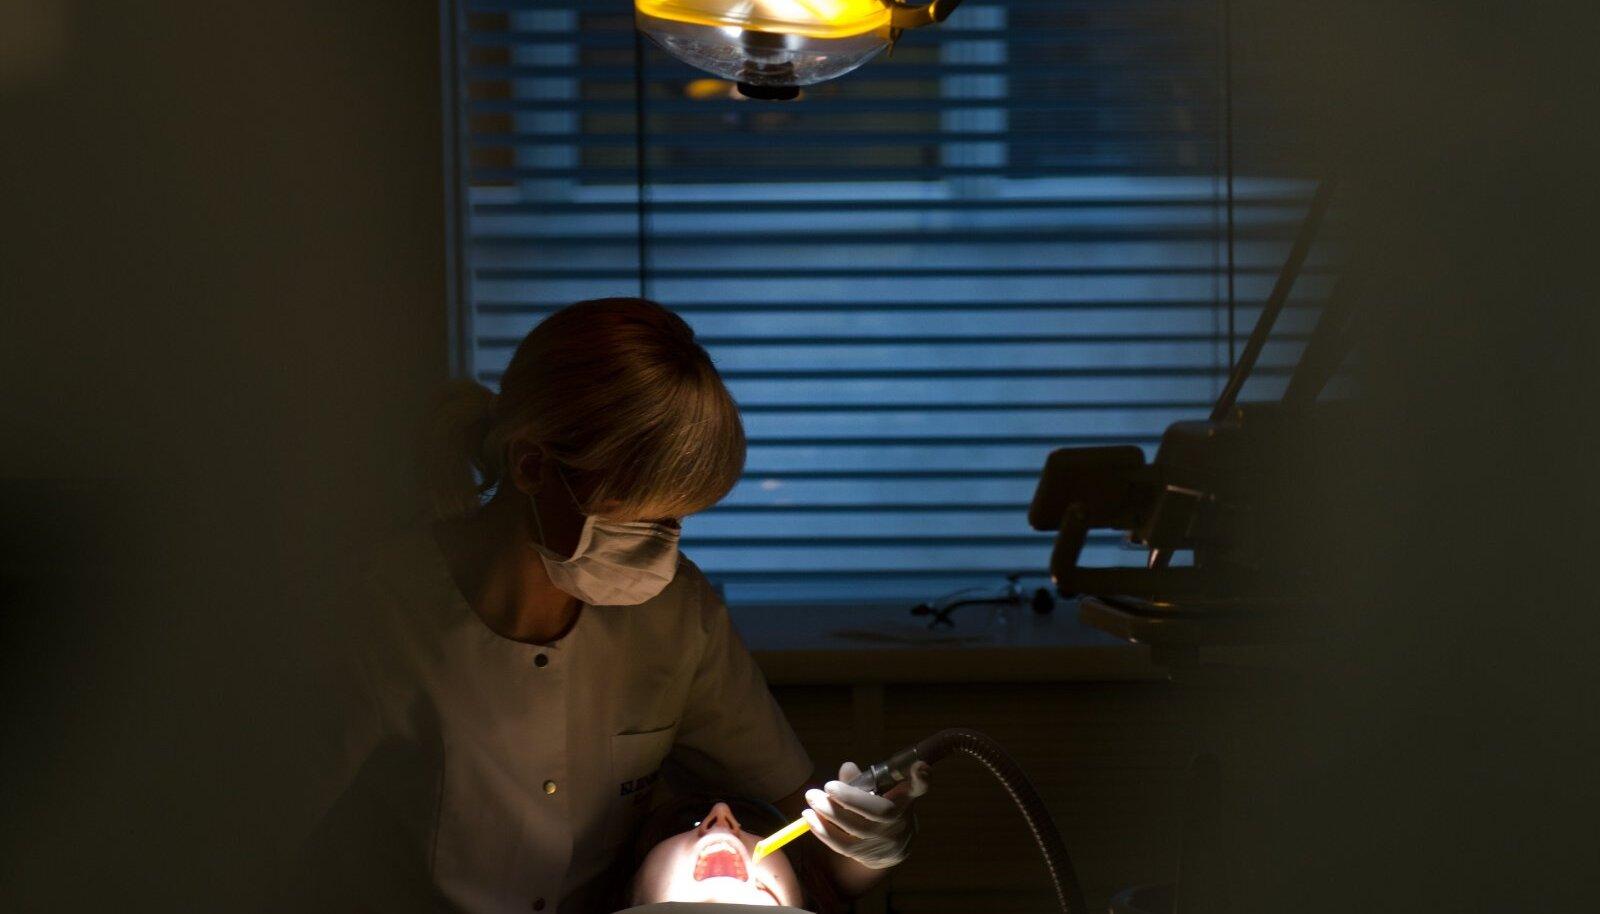 Hambaravihüvitise olulisim eesmärk on vähendada tervise ebavõrdsust ja võimaldada juurdepääsu hambaravile neile inimestele, kellele see on rahalistel põhjustel kättesaamatu olnud.